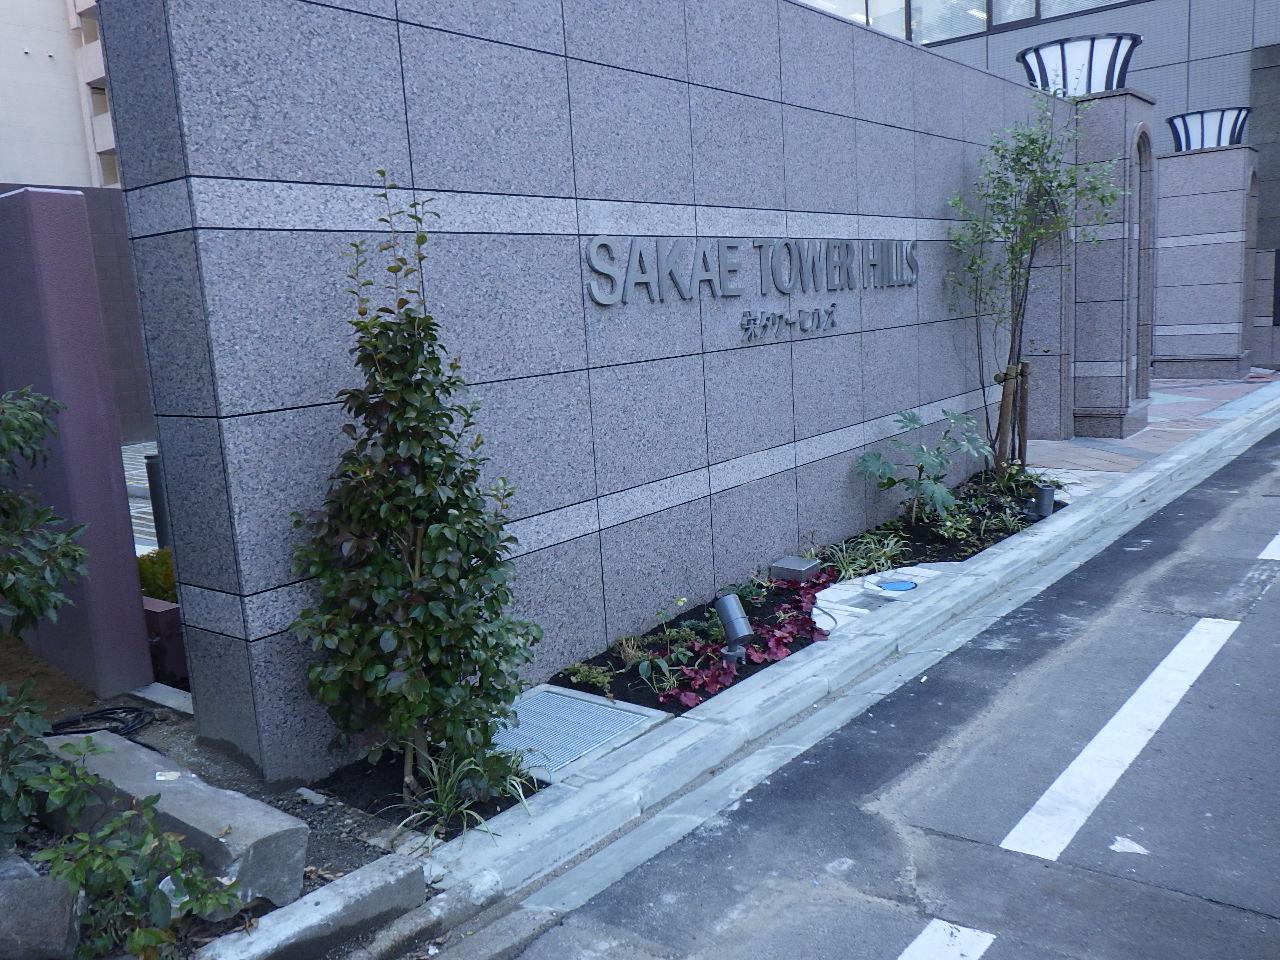 栄タワーヒルズ エクステリア